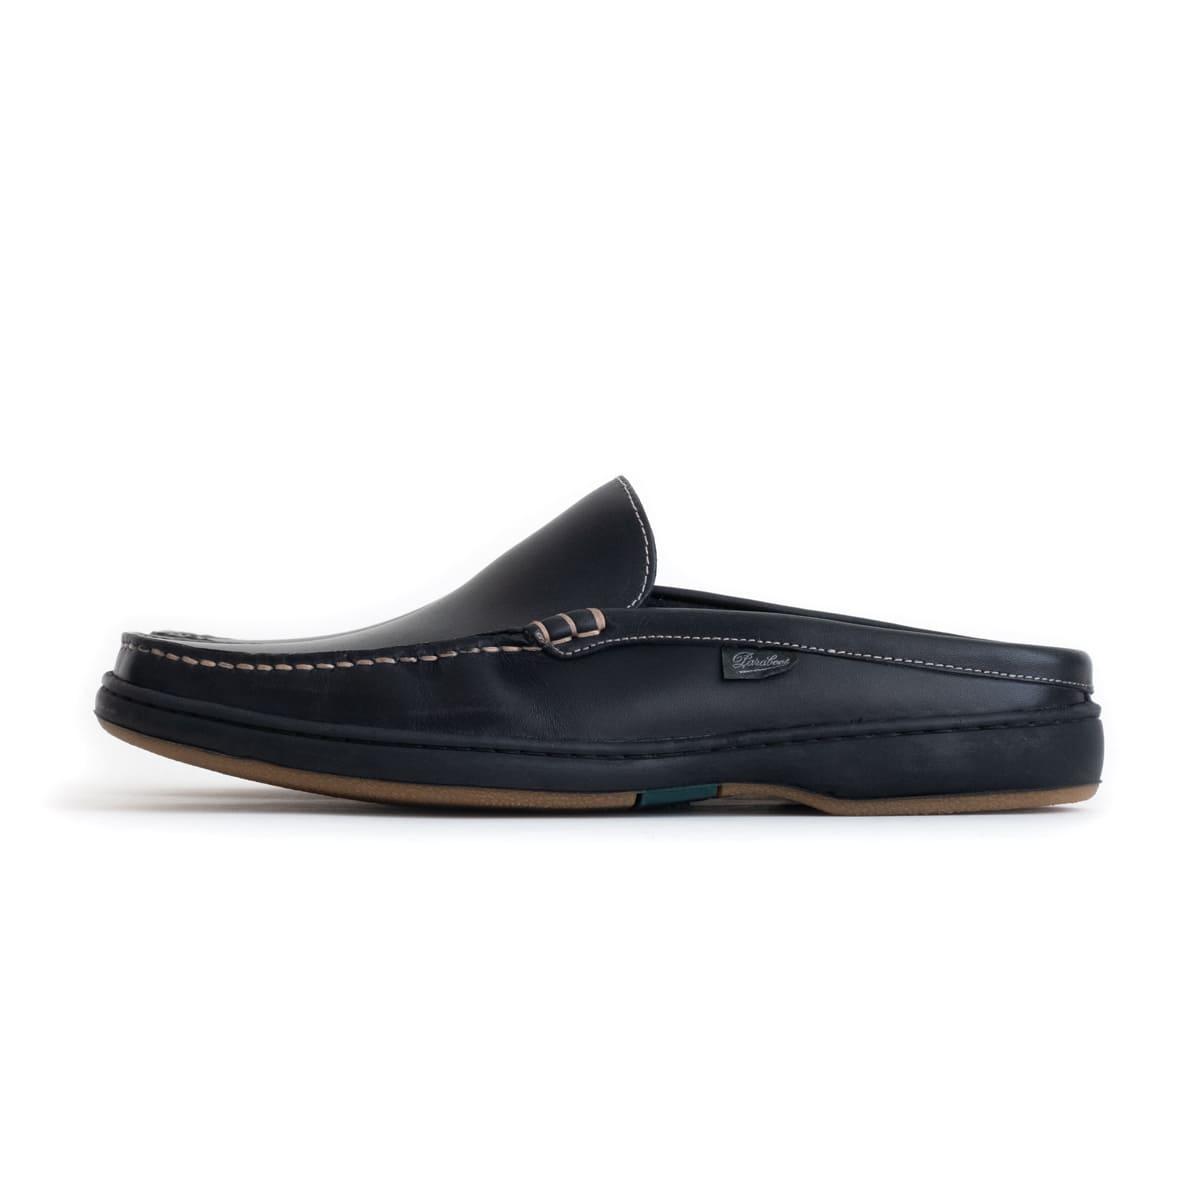 Paraboot ANCYL Lisse (Noir) 860912 パラブーツ アンシル サンダル 革靴 シューズ レザー ラバーソール フランス メンズ 送料無料